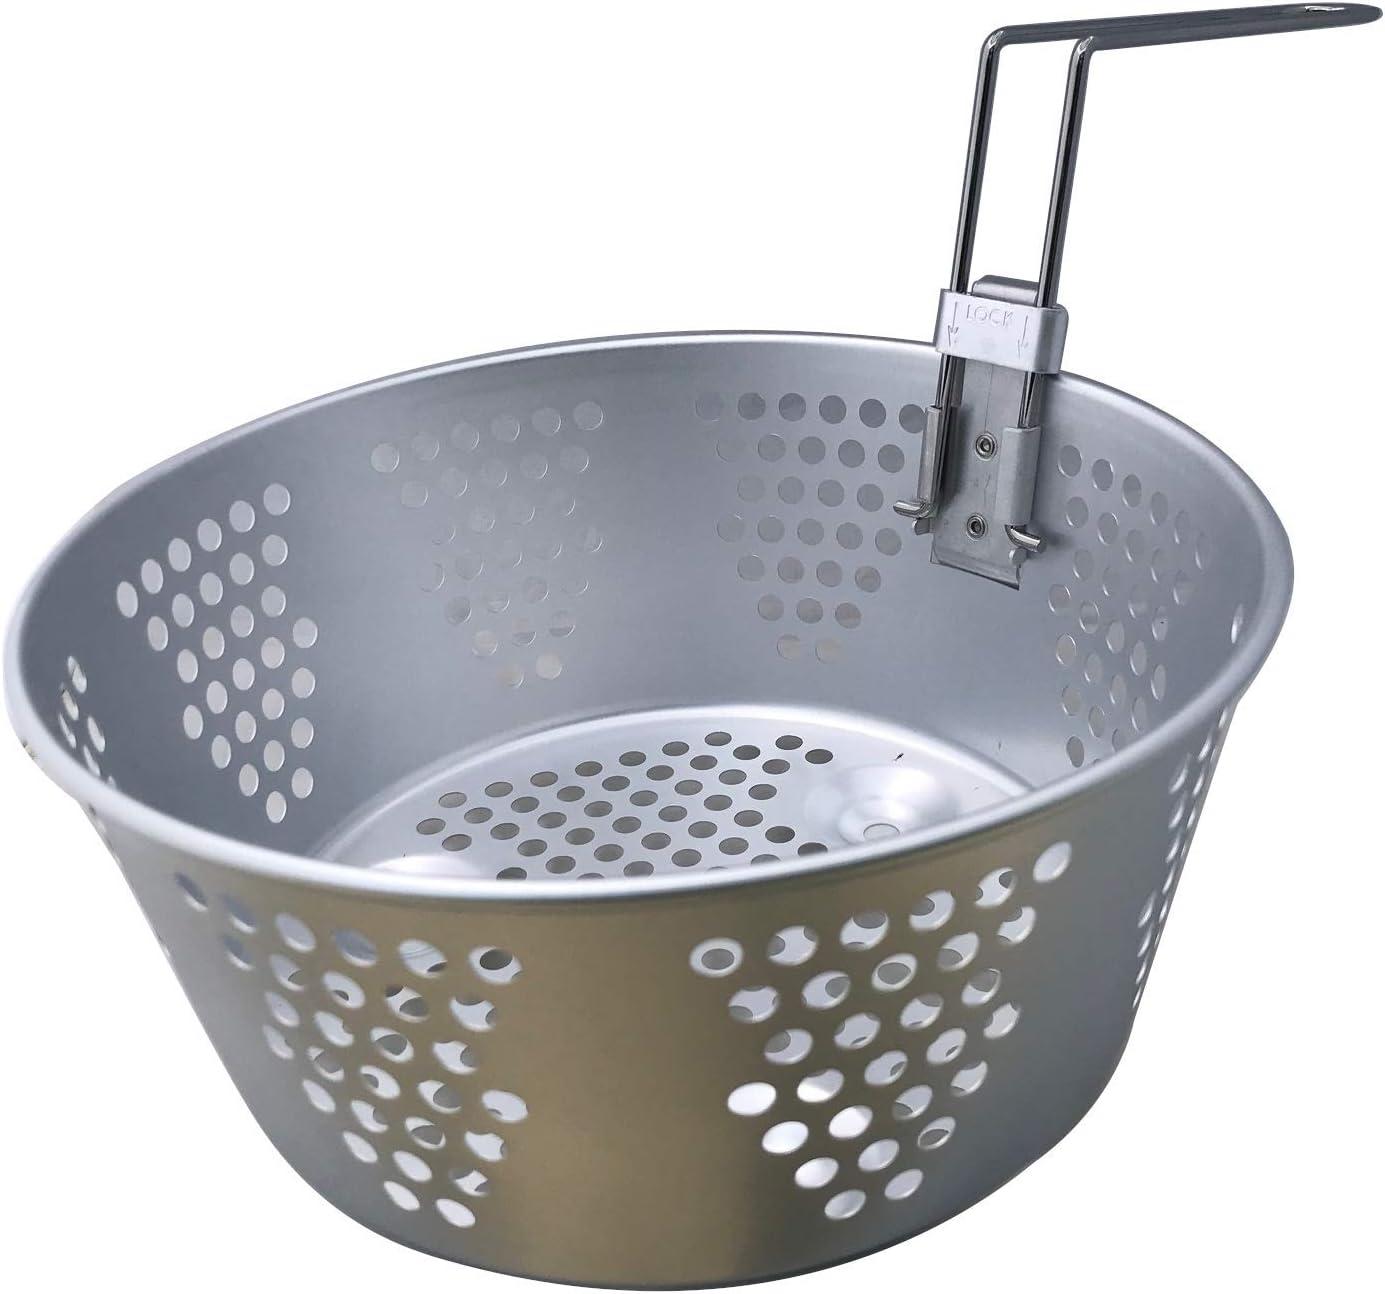 Fryer Basket for Pots & Pans 8.25